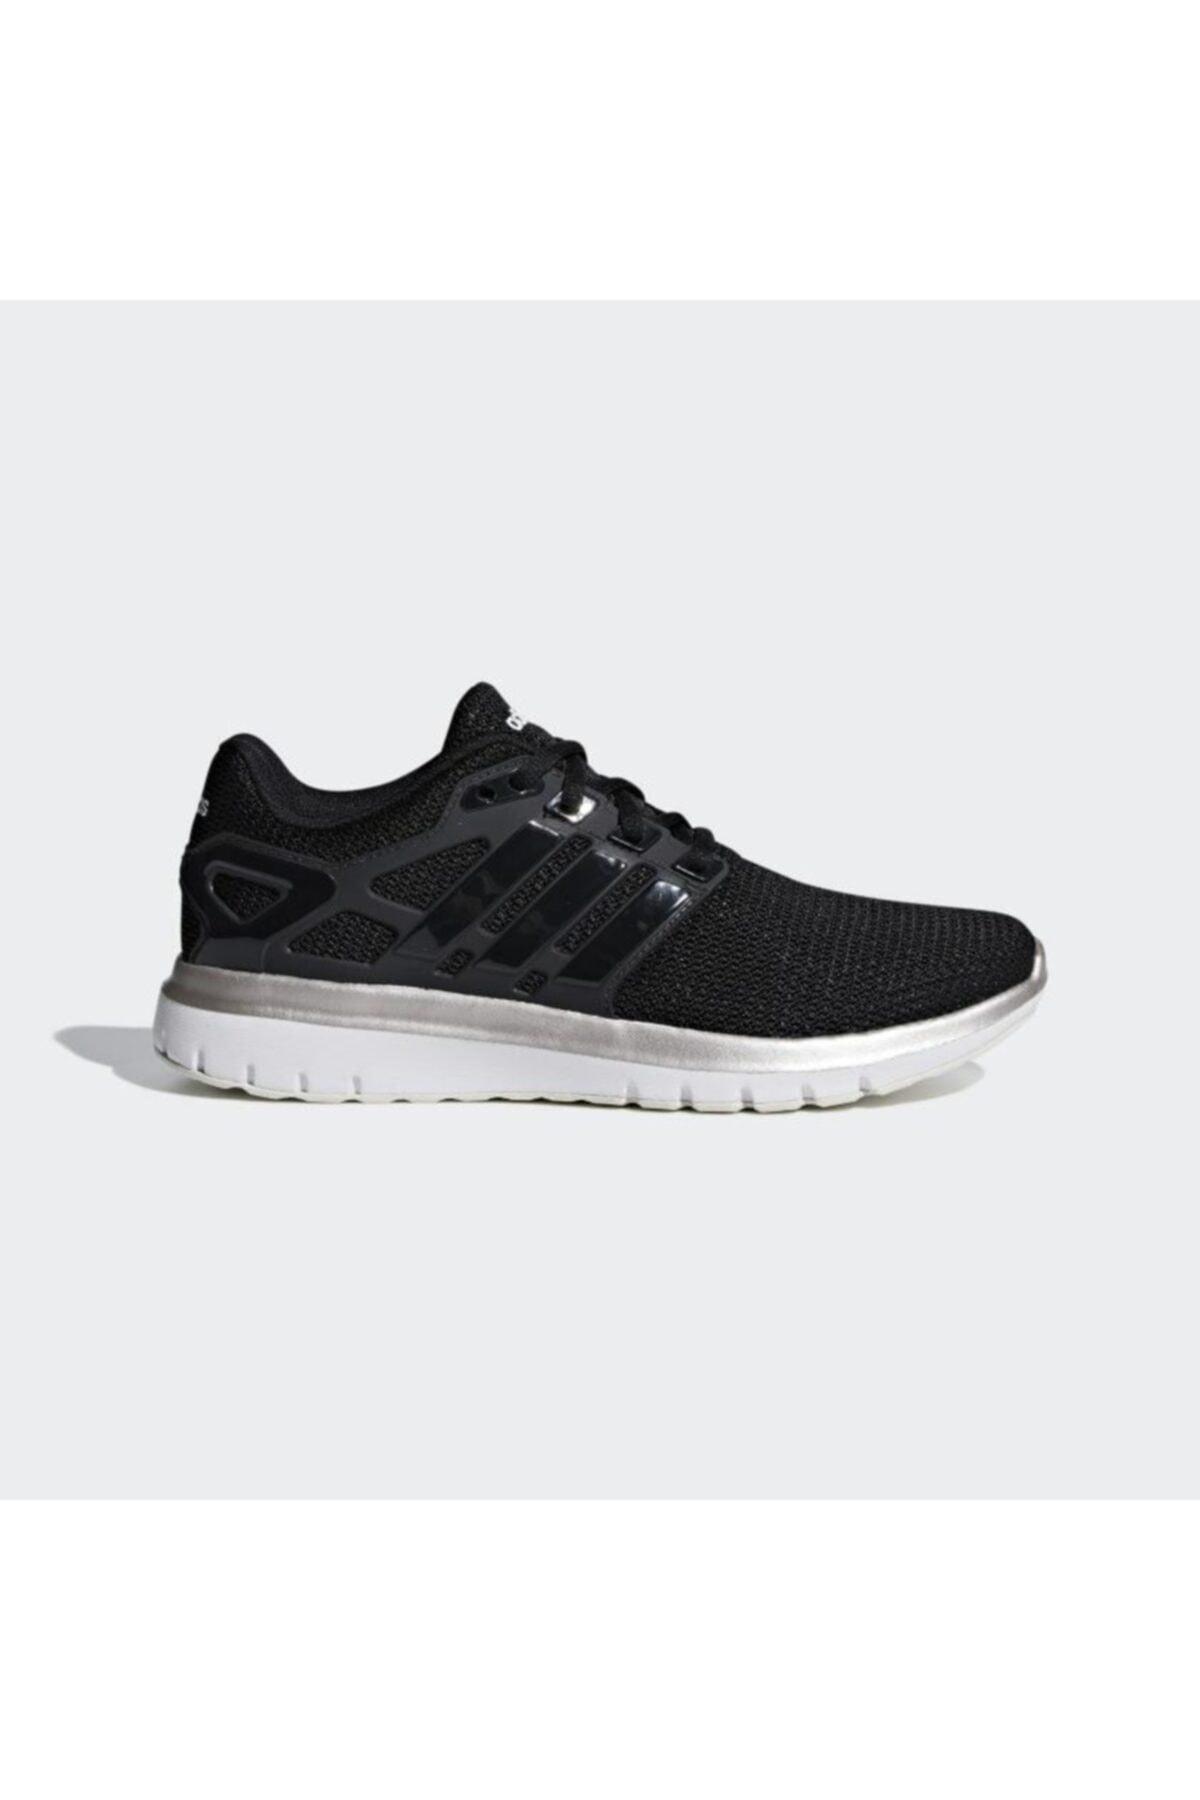 adidas Kadın Koşu - Yürüyüş Ayakkabı F35051 Energy Cloud V 1